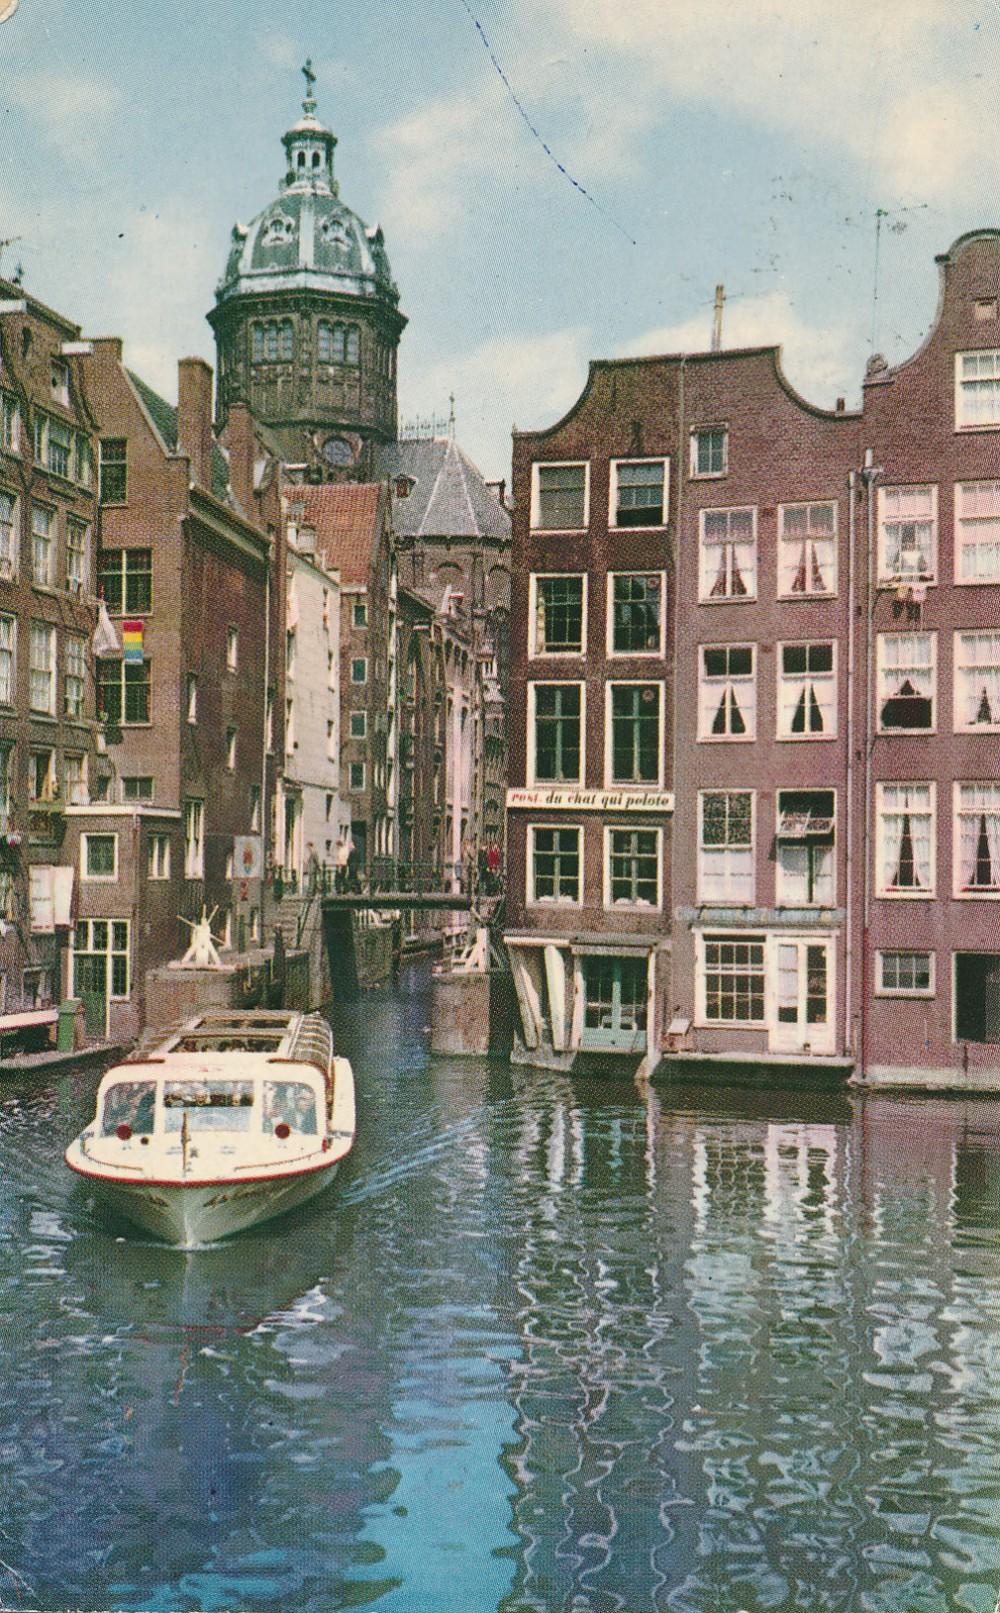 H. Radausko atvirlaiškis iš Amsterdamo. 1961 m.